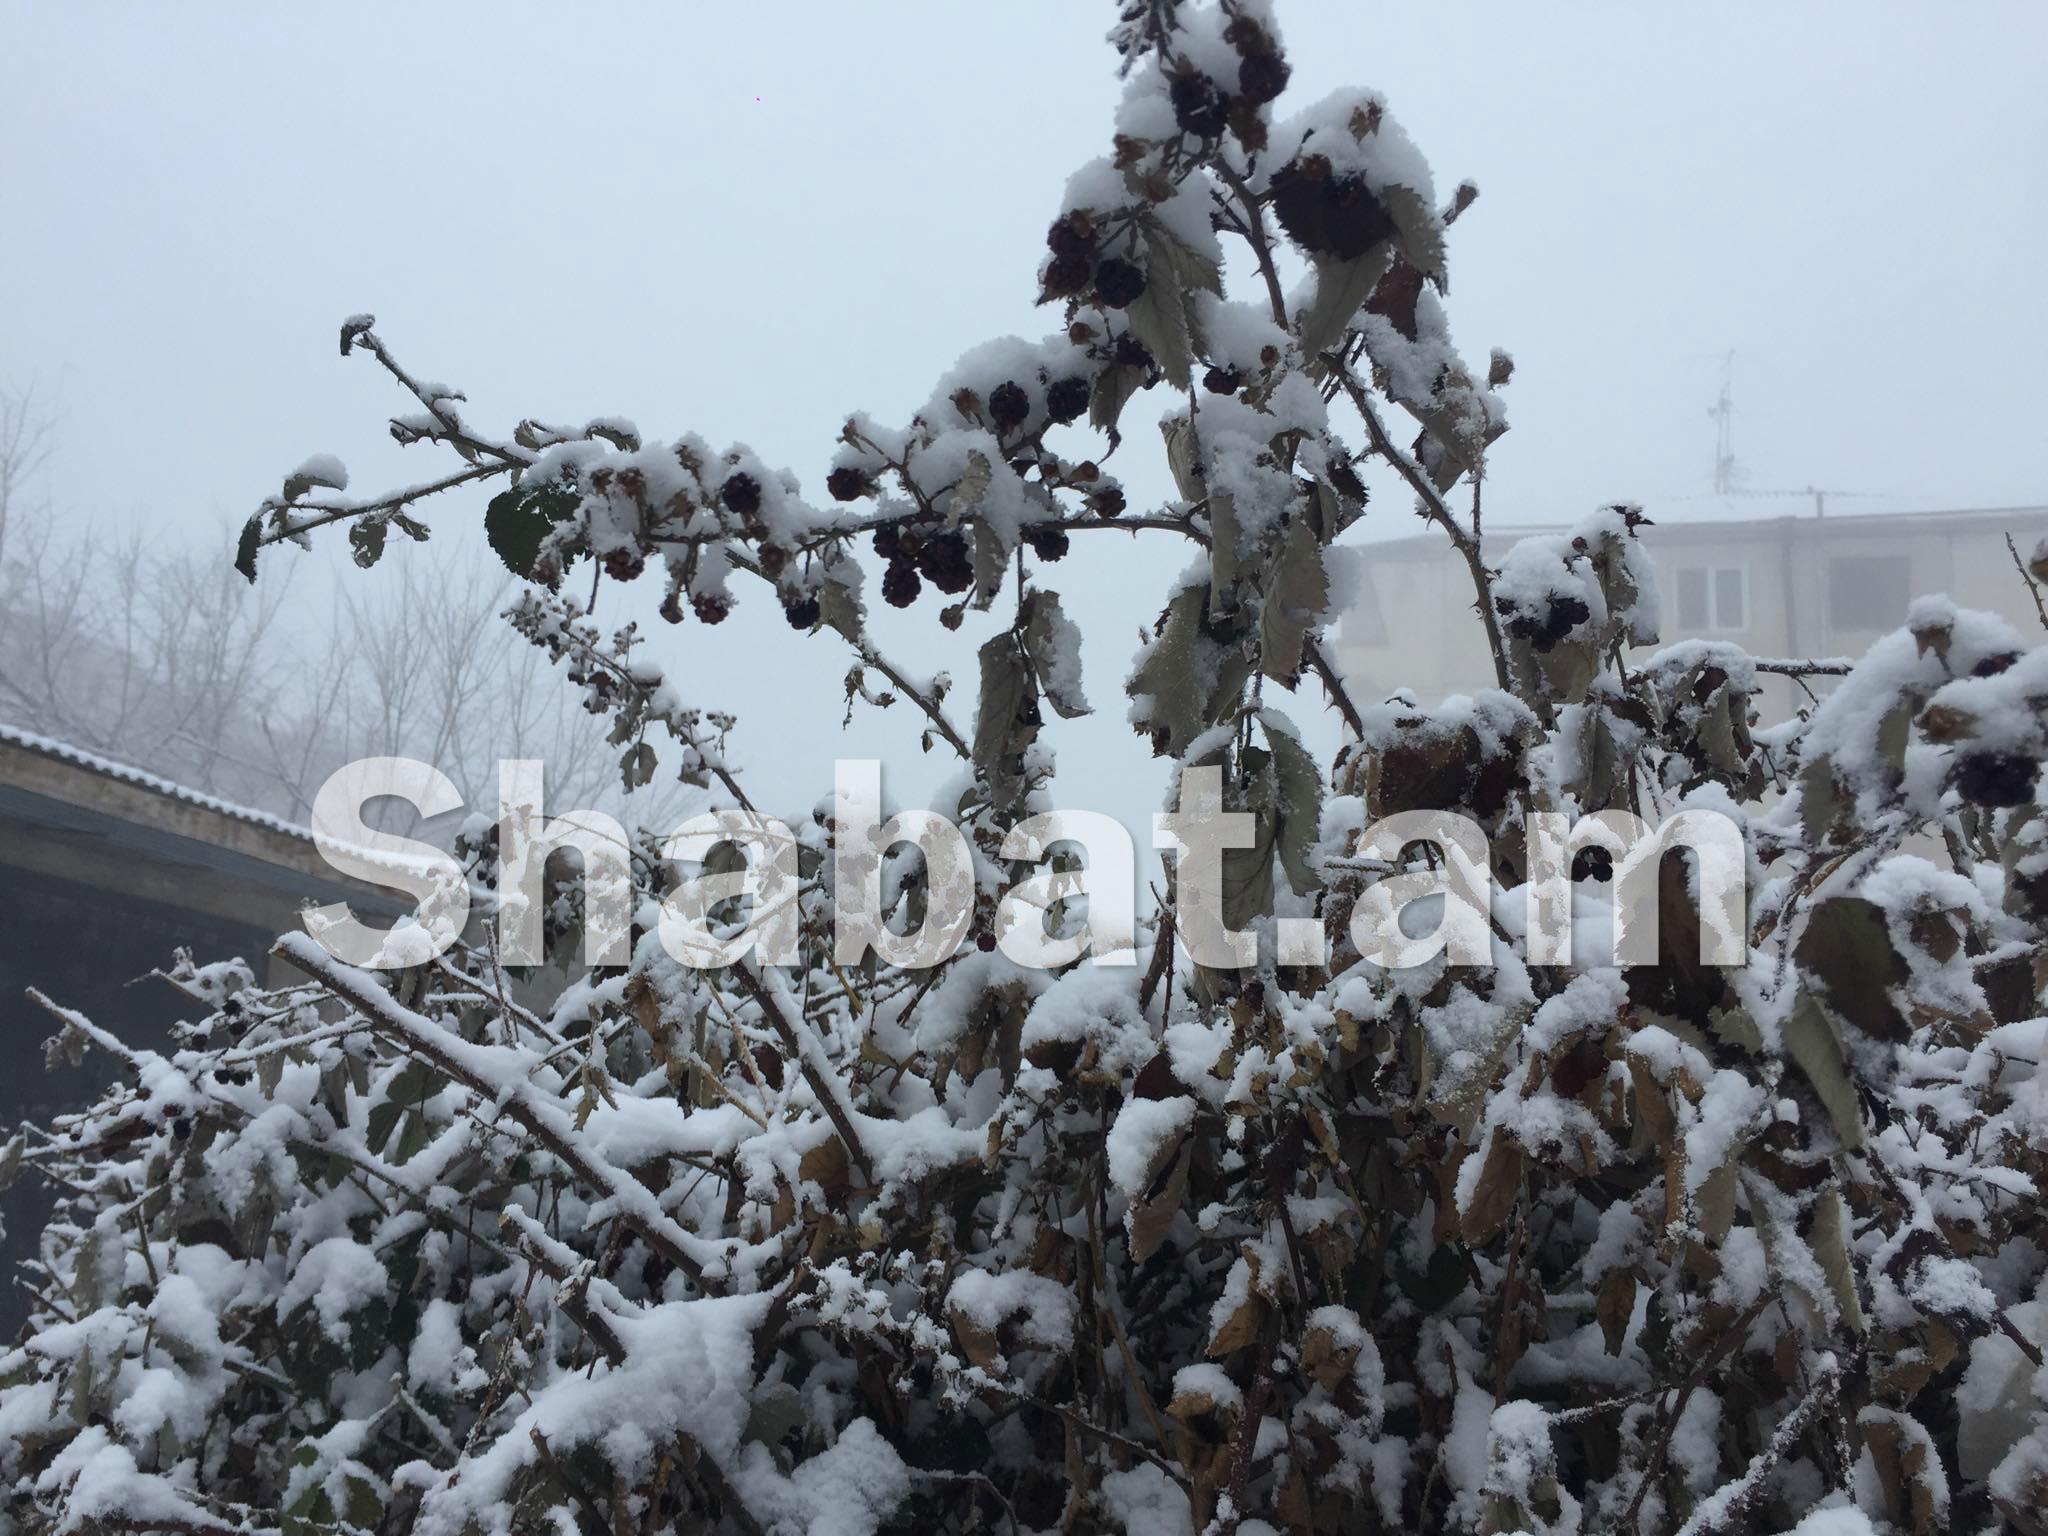 Առաջիկա օրերին առանձին շրջաններում ձյուն է սպասվում